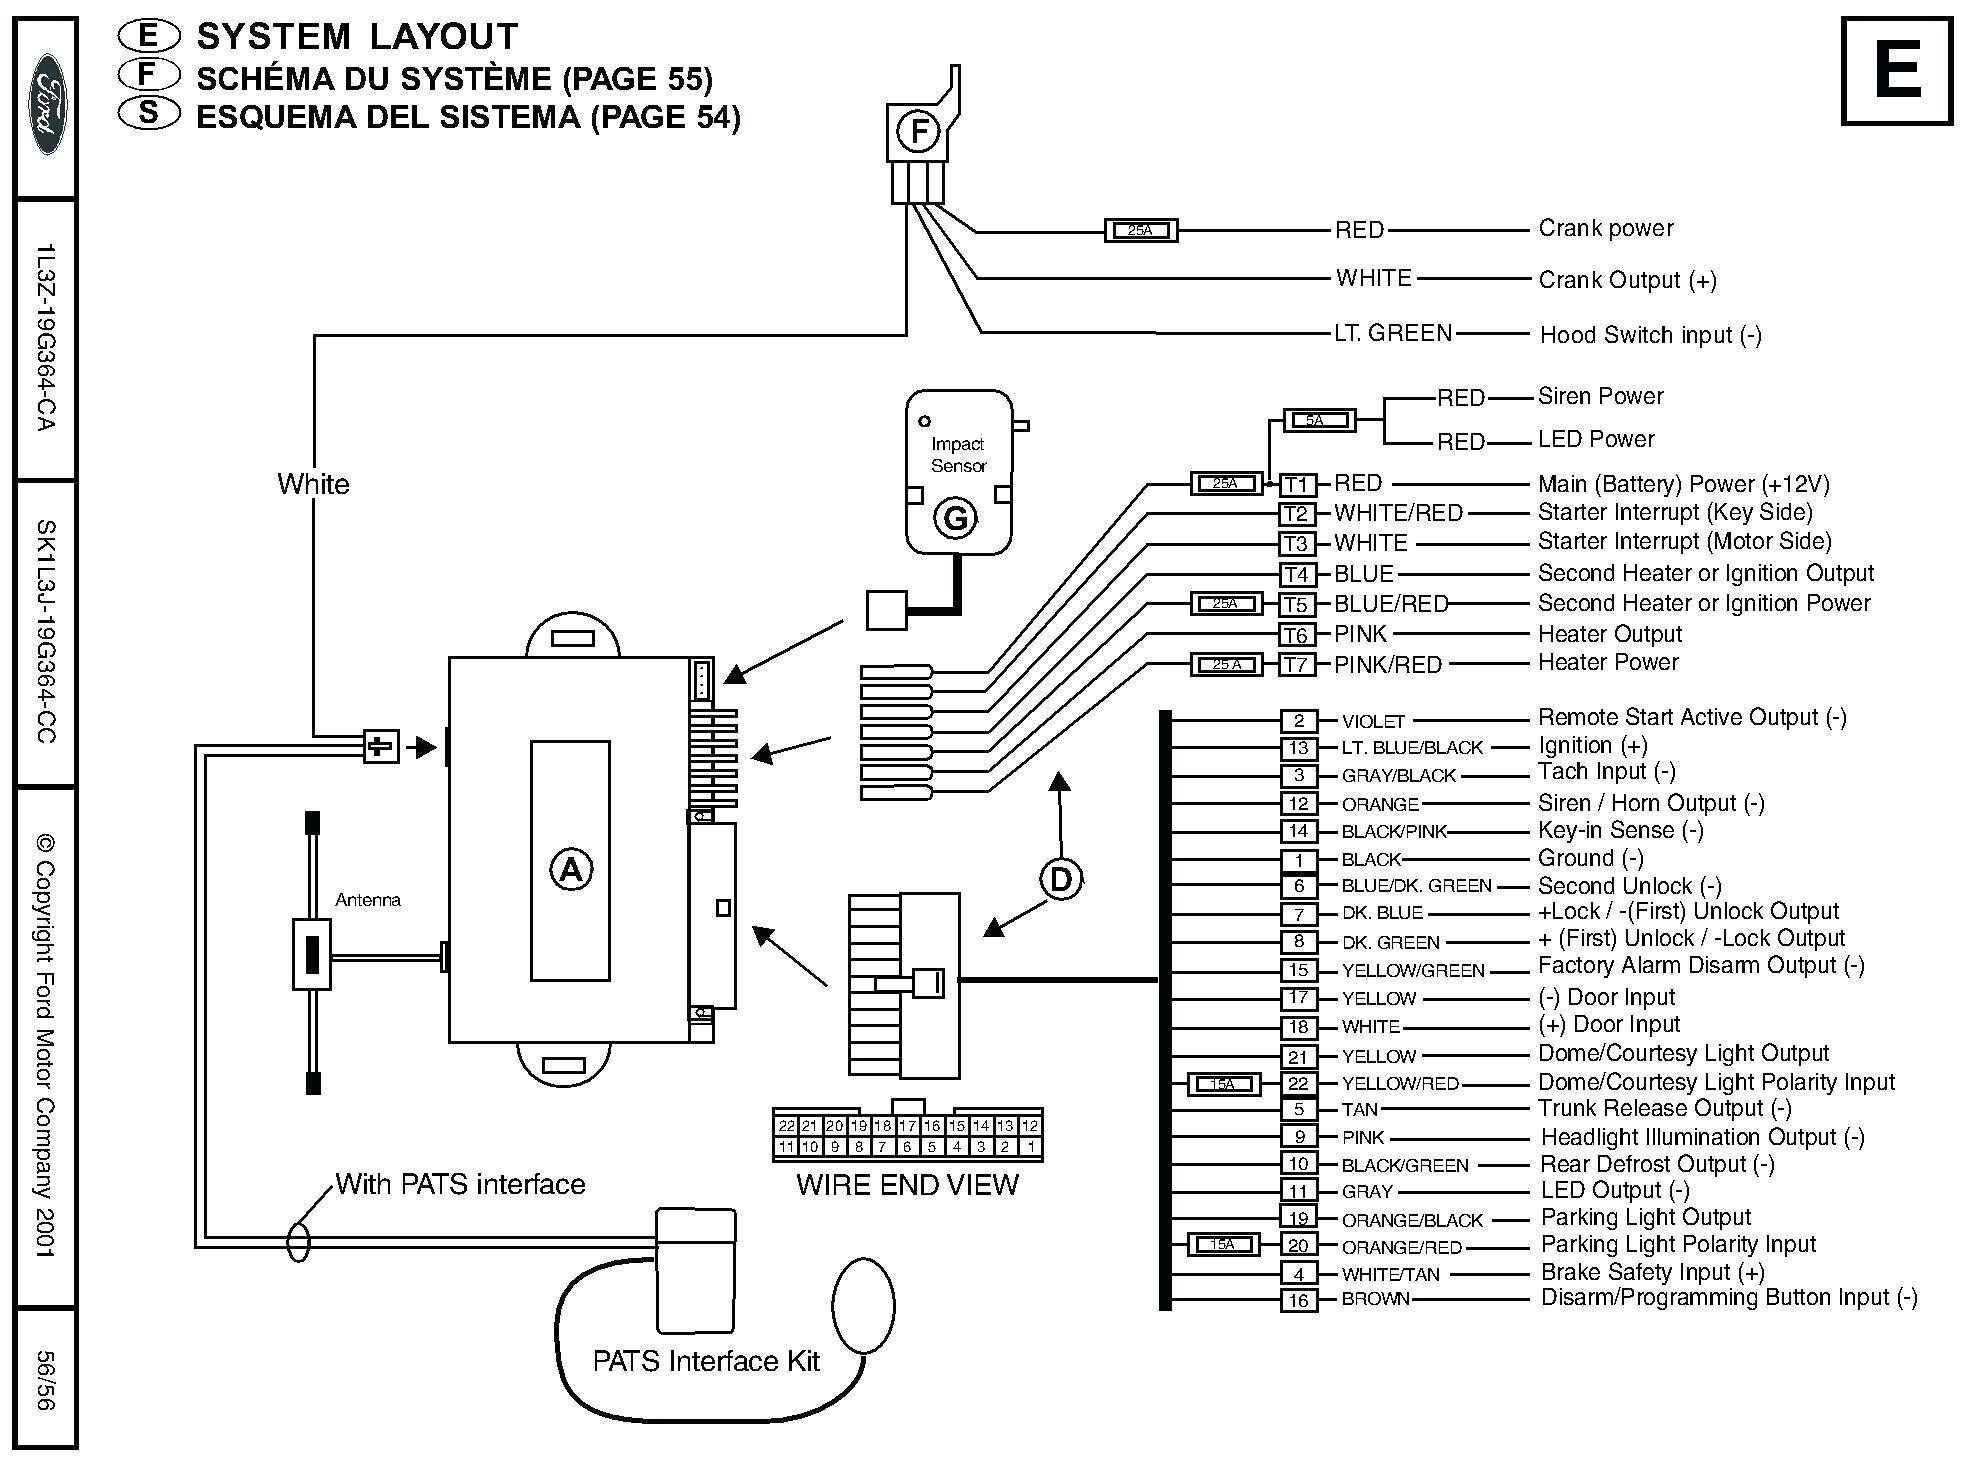 Vista 20p Wiring Schematic